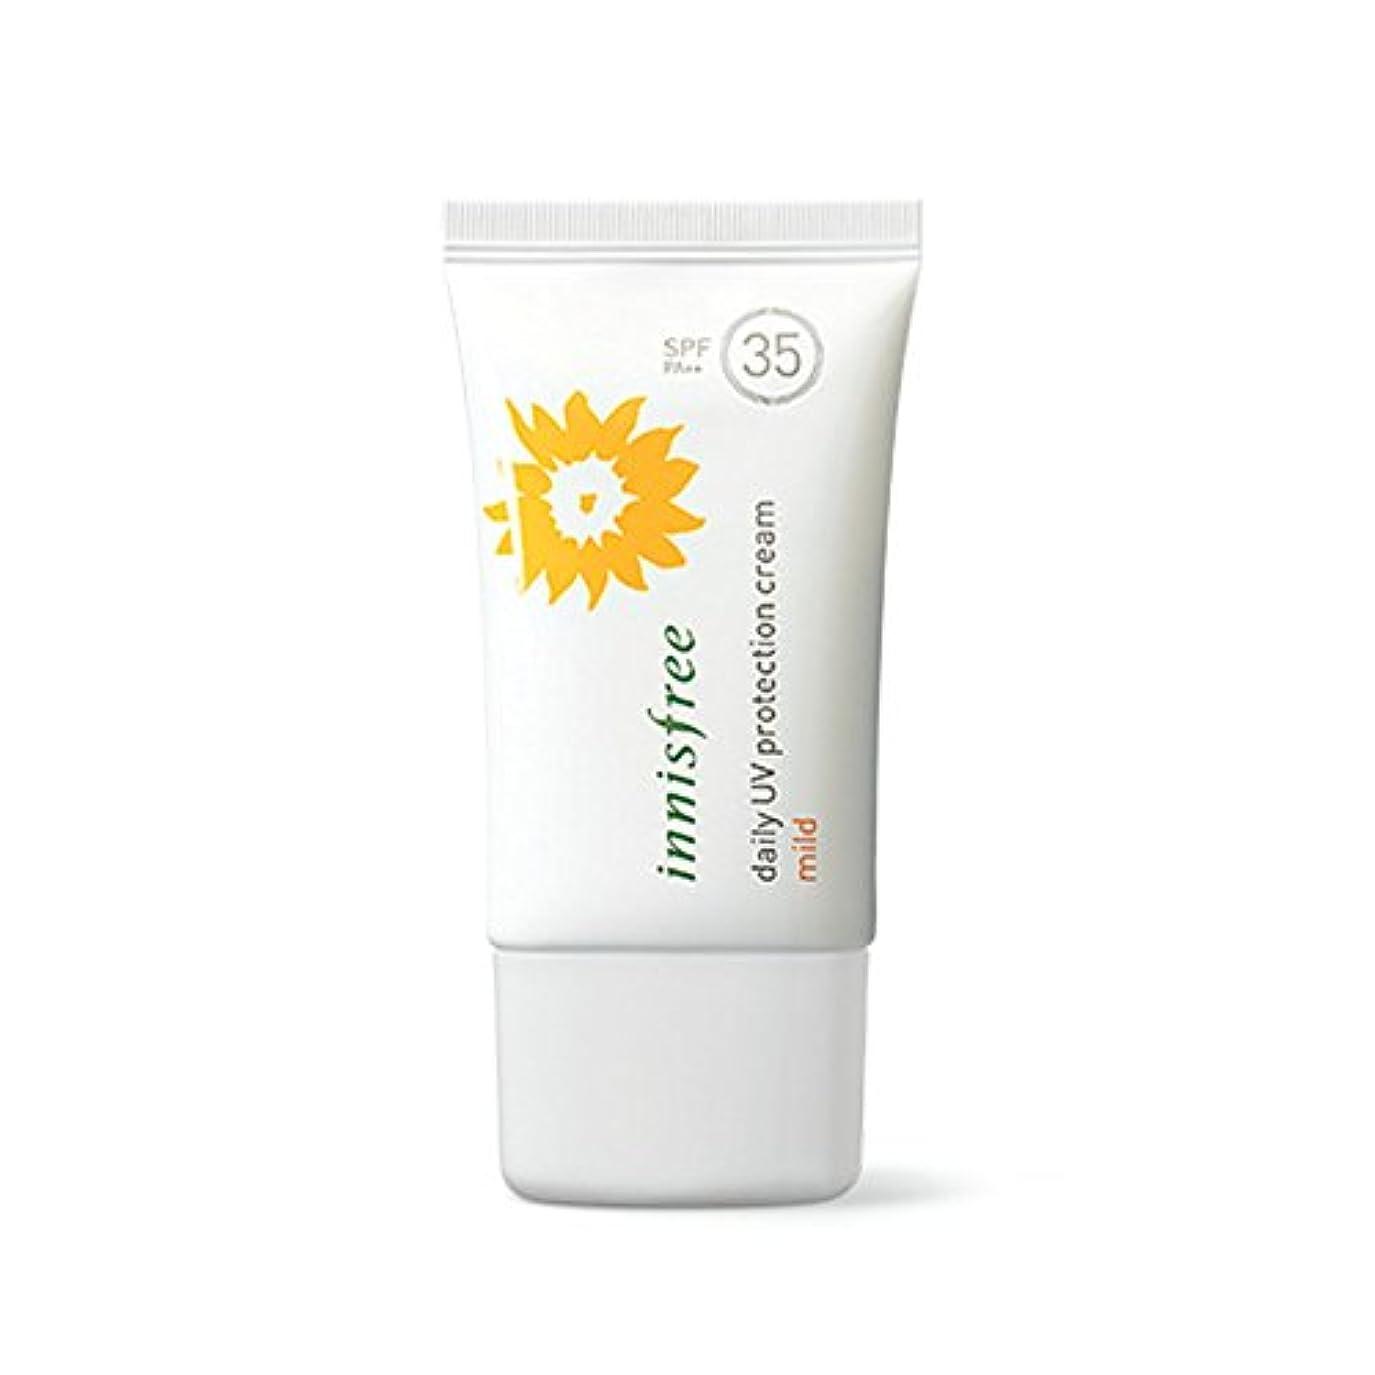 安息上流のセッティングイニスフリーデイリーUVプロテクションクリーム50mlマイルドSPF35 + PA ++ Innisfree Daily UV Protection Cream 50ml Mild SPF35+ PA++ [海外直送品]...